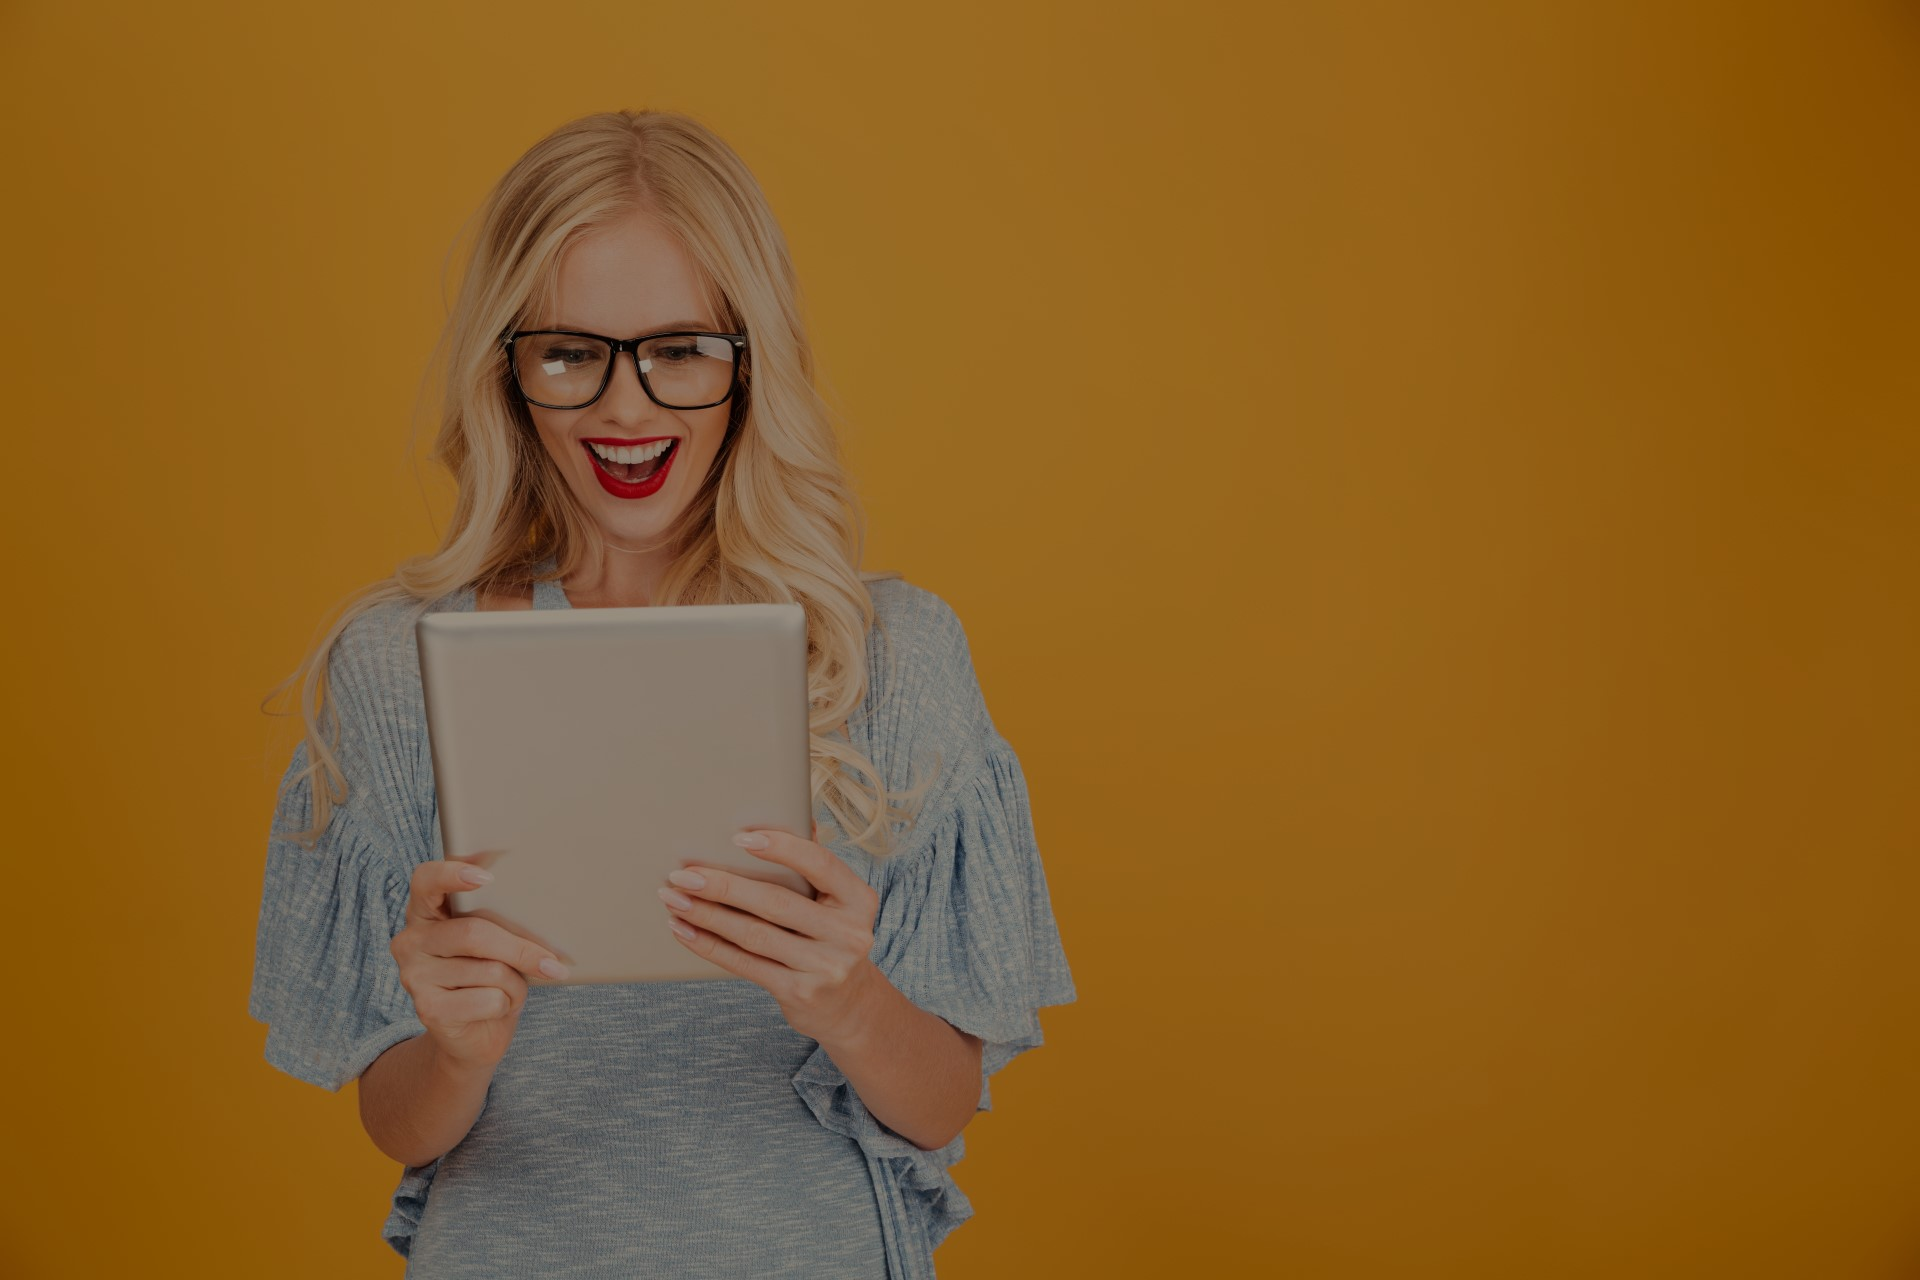 Cómo empezar con tu curso online, paso a paso